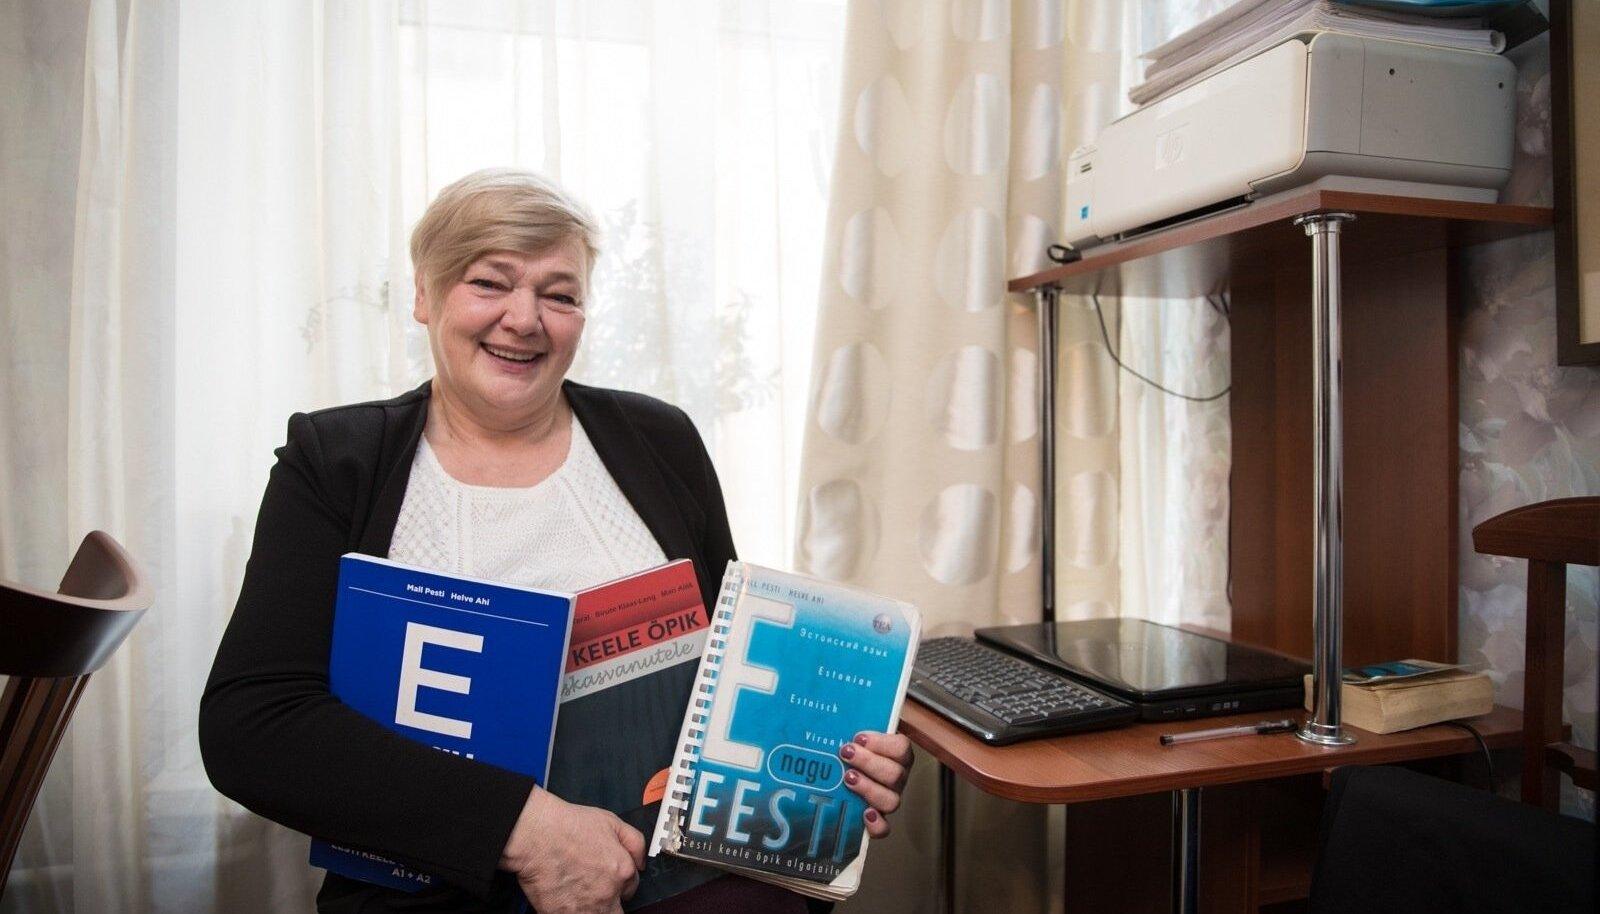 Katre Grigorjeva oma kõige kallimate töövahenditega ehk eesti keele õpikutega, milleta ta päevagi läbi ei saa.